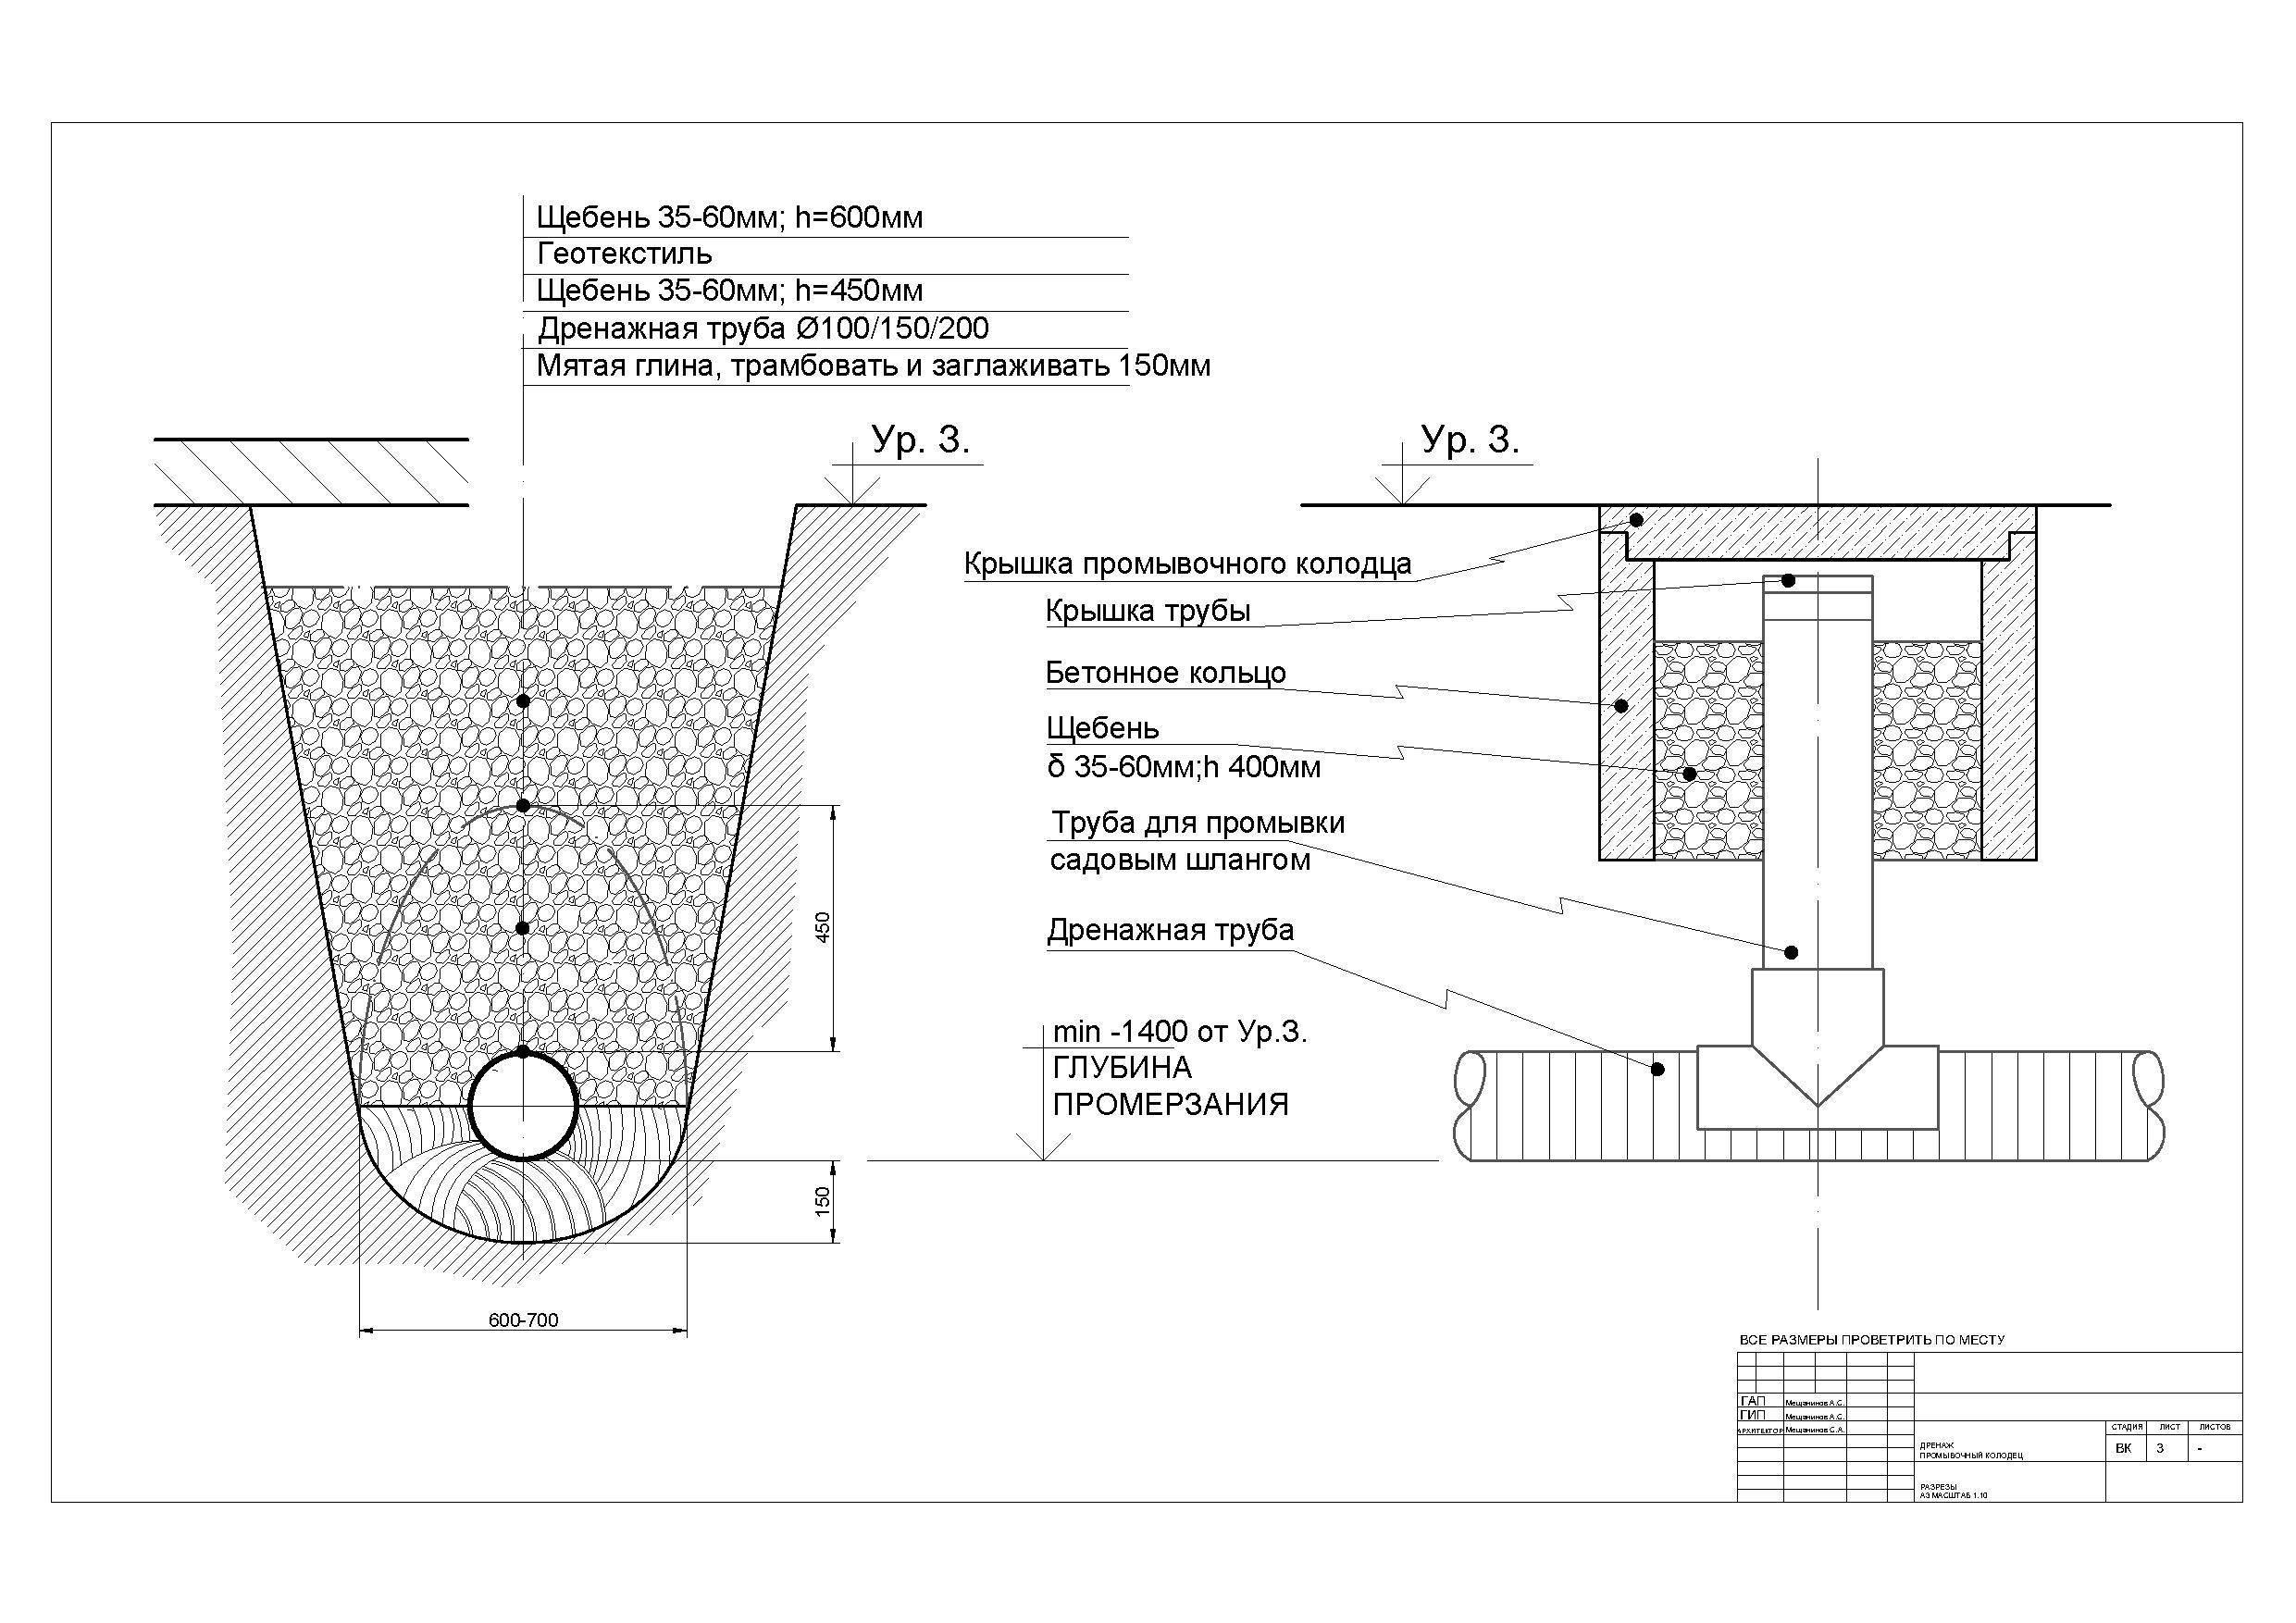 Проект дренажной системы расчет, проектирование, норм снип